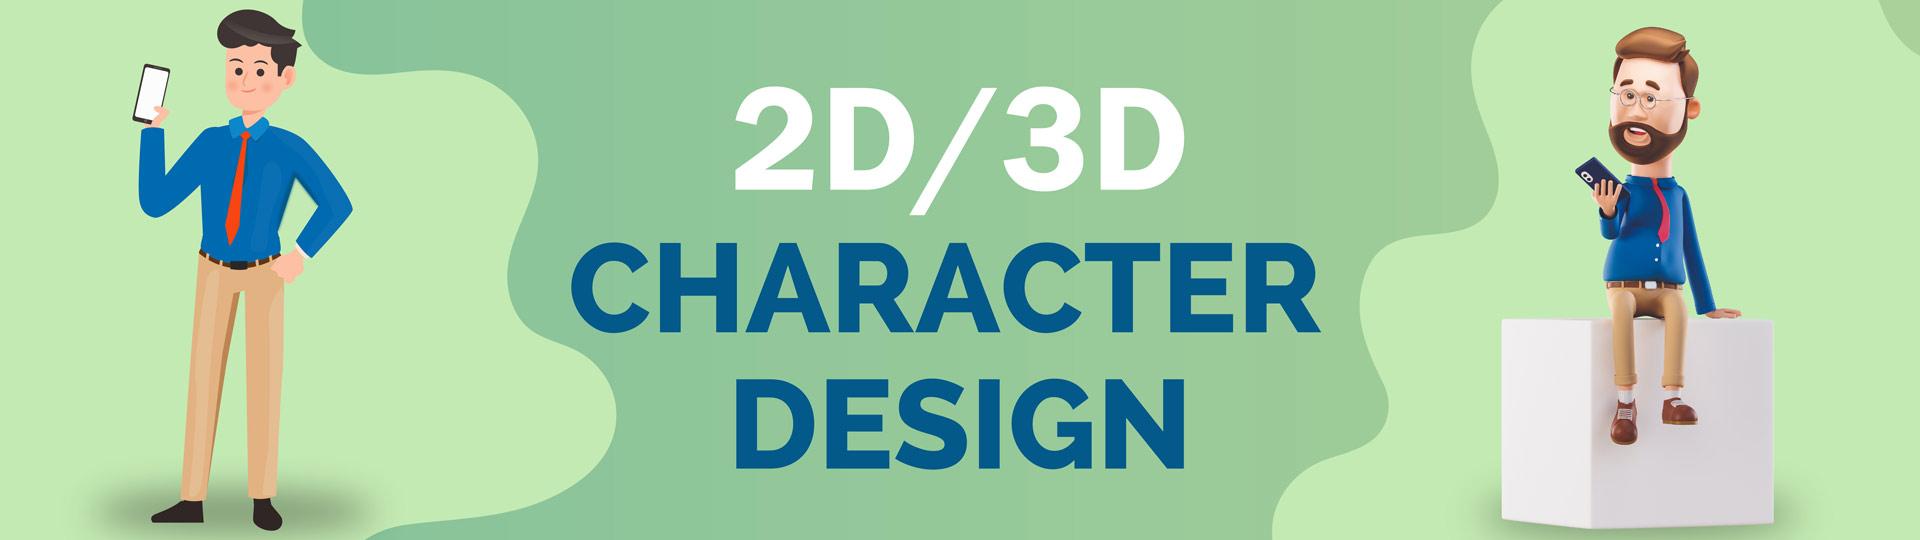 2d-3d-character-design